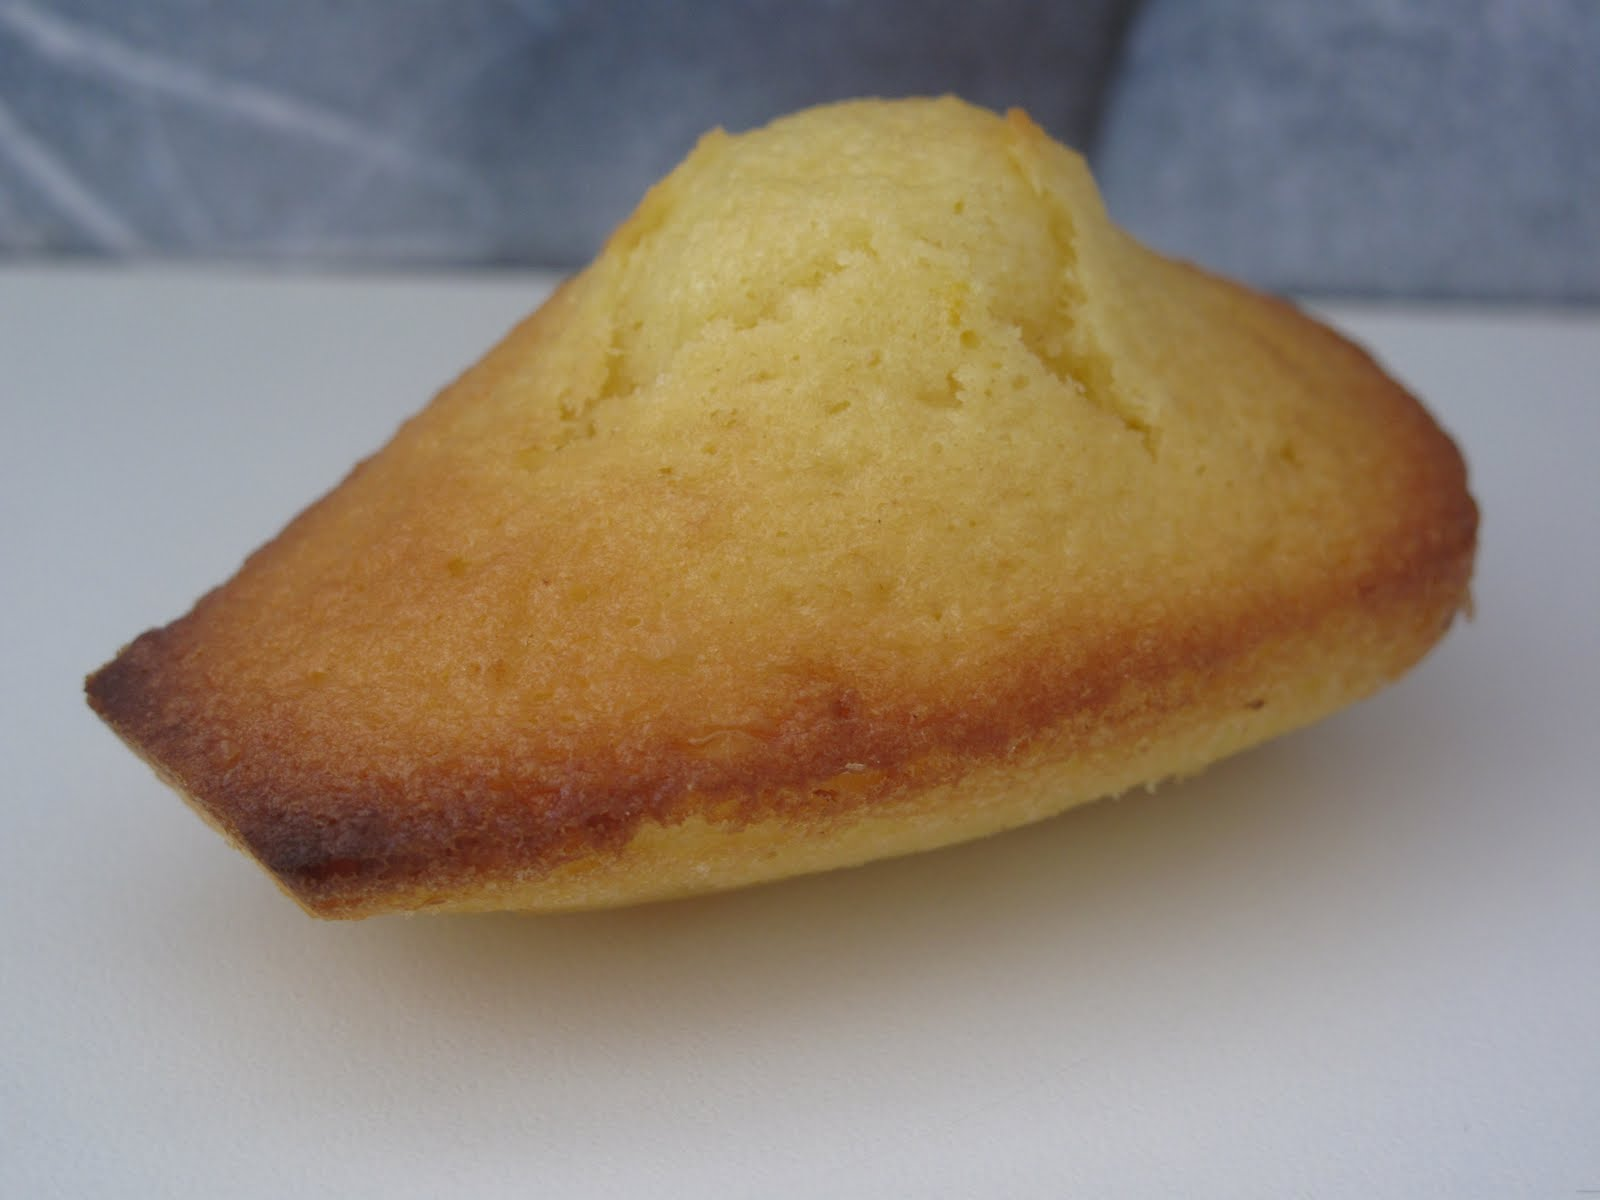 Gourmandises homecooked biscuits madeleines au citron recette de cyril lignac - Recette de cyril lignac ...